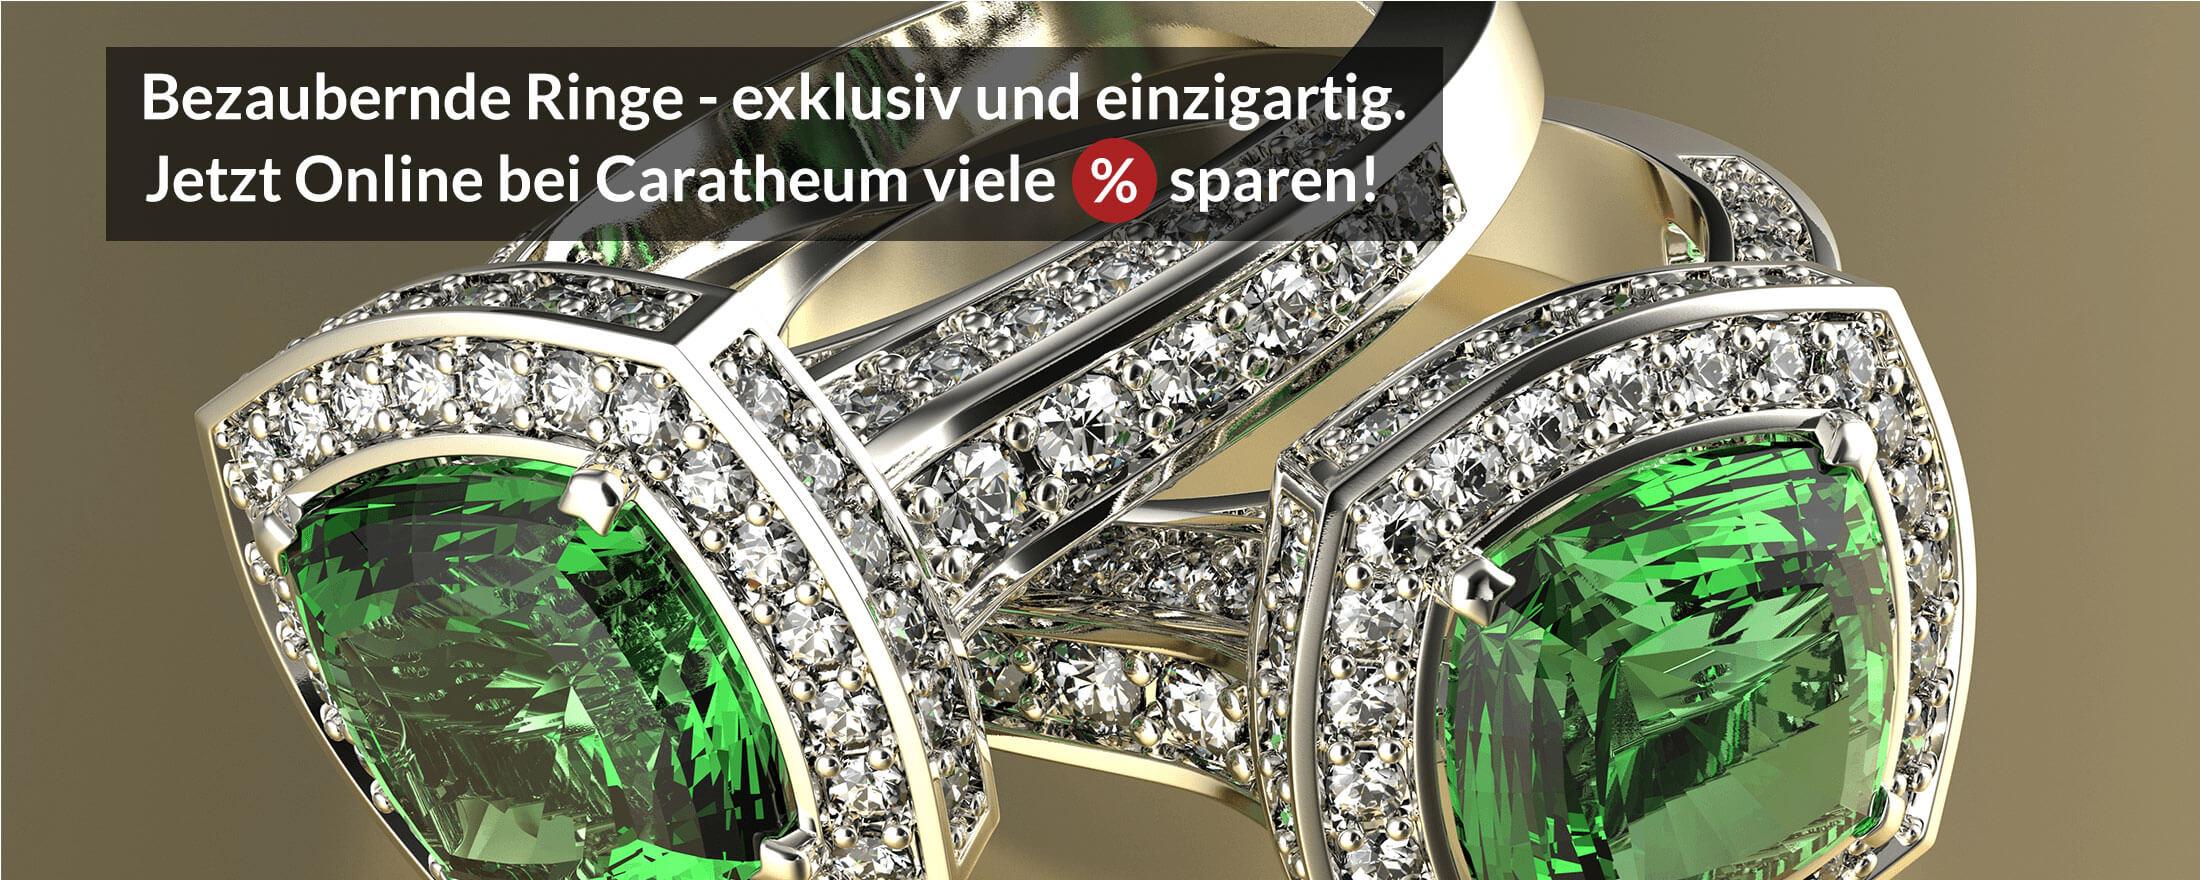 Saphir-Ringe - einzigartige Edelsteine